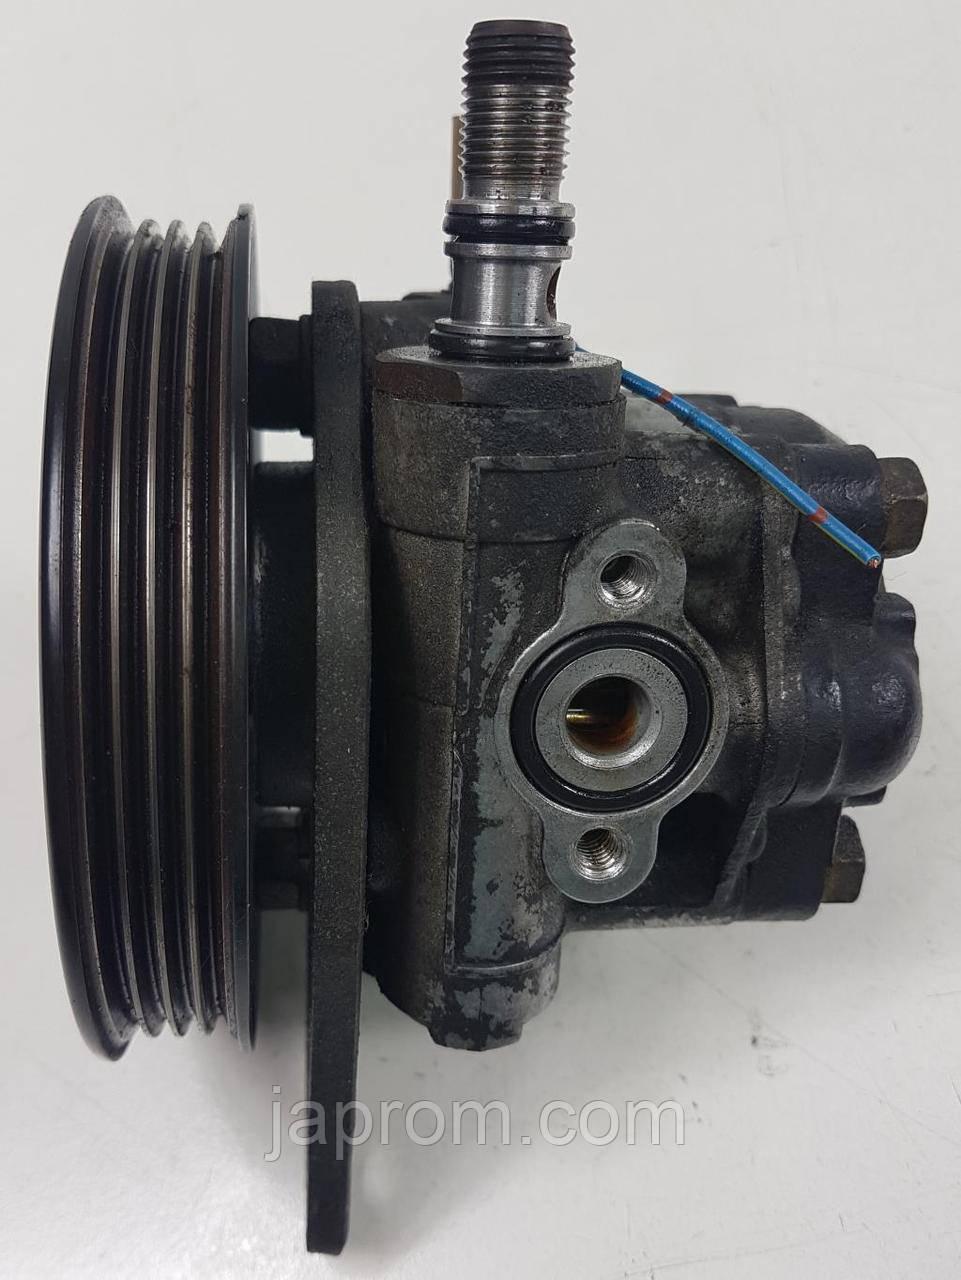 Насос гидроусилителя руля Mazda 323 BG MX-3 1988-1998 г.в. 1.6  16V